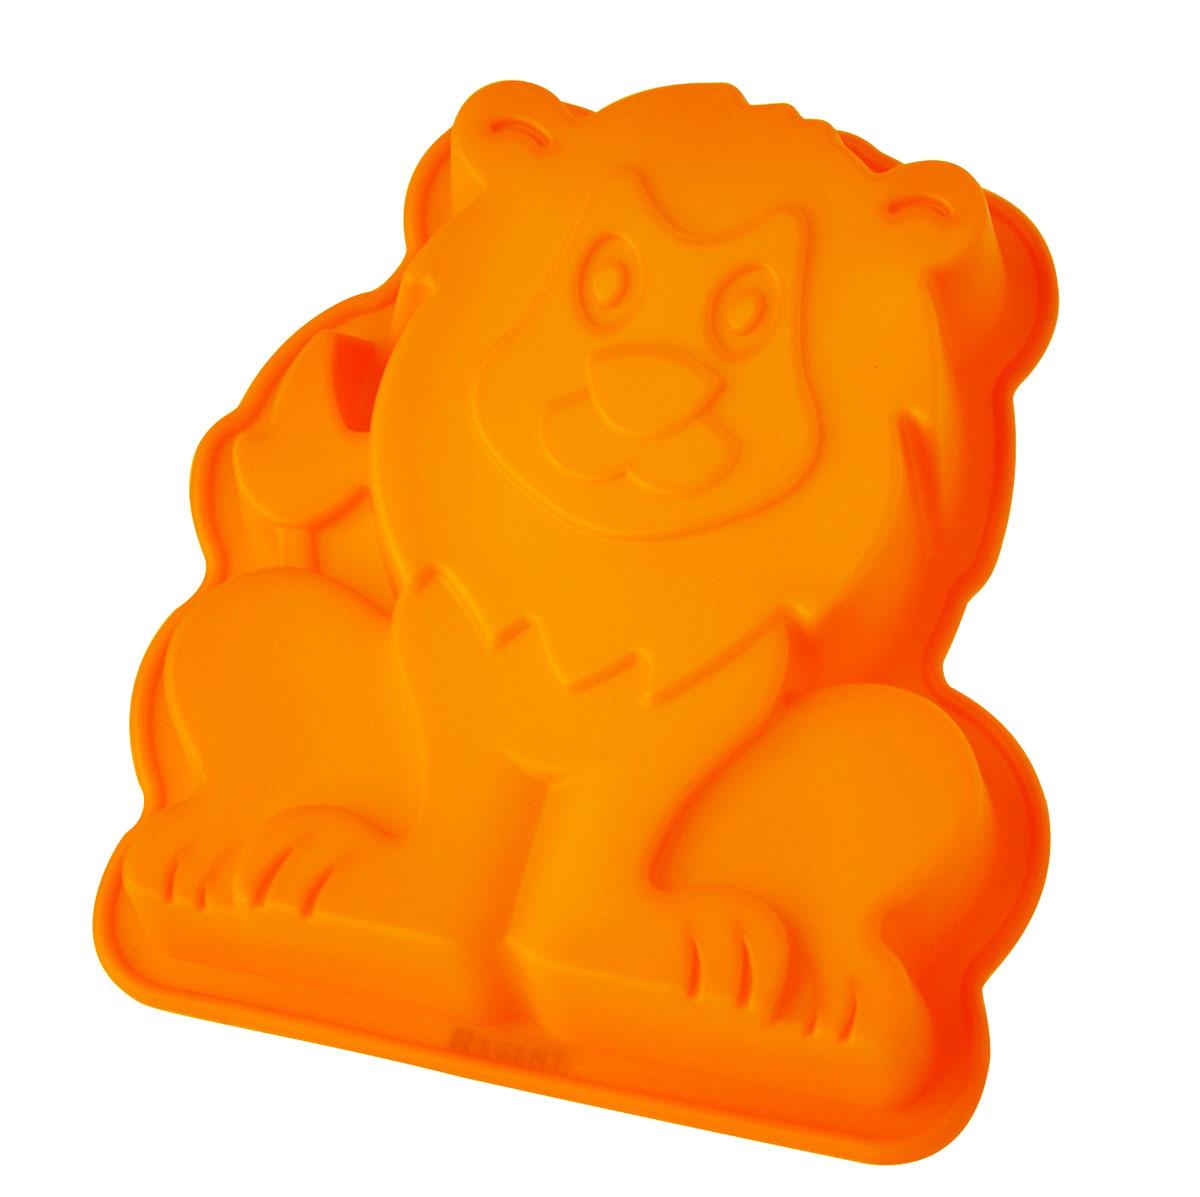 Форма для выпечки и заморозки Regent Inox Царь зверей, силиконовая. цвет: оранжевый, 20 х 17 см93-SI-FO-77Форма для выпечки и заморозки Царь зверей выполнена из силикона и предназначена для изготовления выпечки, конфет, мармелада, желе, льда и даже мыла. С помощью формы в виде забавного львёнка любой день можно превратить в праздник и порадовать детей.Силиконовые формы выдерживают высокие и низкие температуры (от -40°С до +230°С). Они эластичны, износостойки, легко моются, не горят и не тлеют, не впитывают запахи, не оставляют пятен. Силикон абсолютно безвреден для здоровья.Не используйте моющие средства, содержащие абразивы. Можно мыть в посудомоечной машине. Подходит для использования во всех типах печей. Характеристики:Материал: силикон. Общий размер формы: 20 см х 17 см х 4,5 см. Размер упаковки: 30 см х 19,5 см х 5 см. Изготовитель: Италия. Артикул: 93-SI-FO-77.